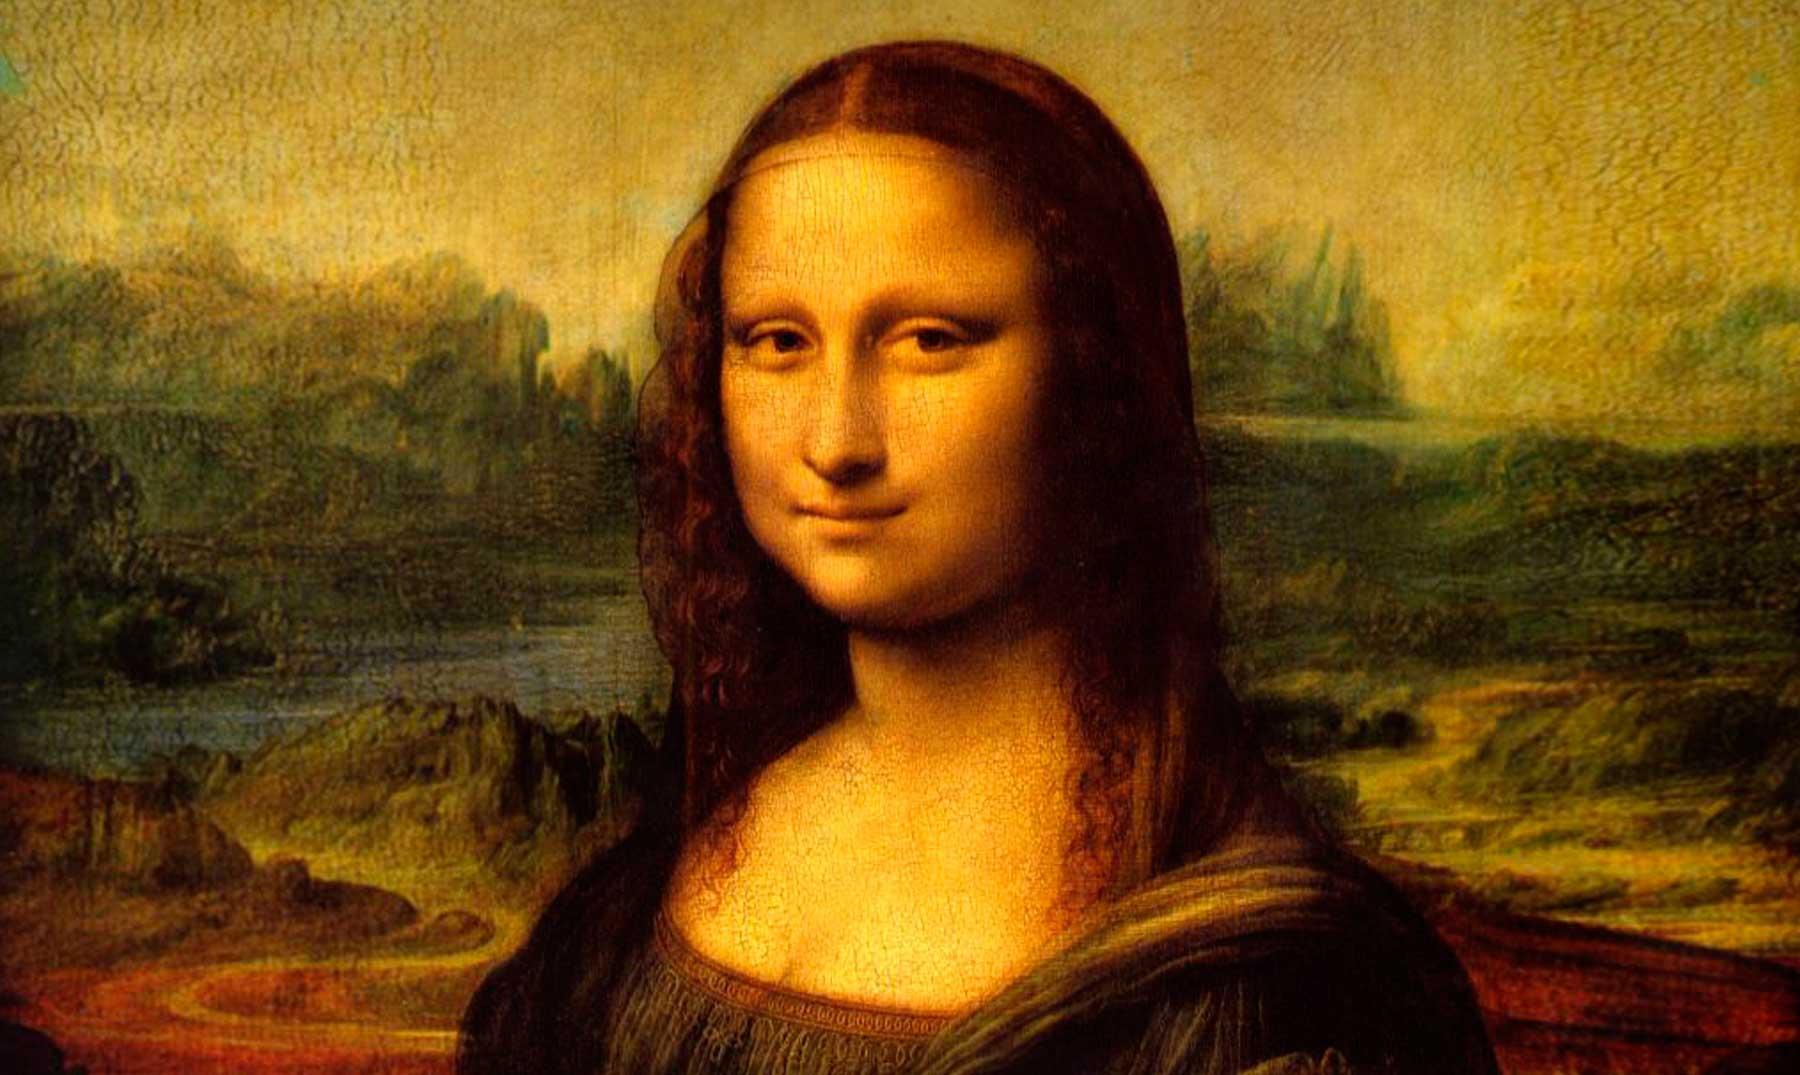 El misterio de la mirada de la Mona Lisa